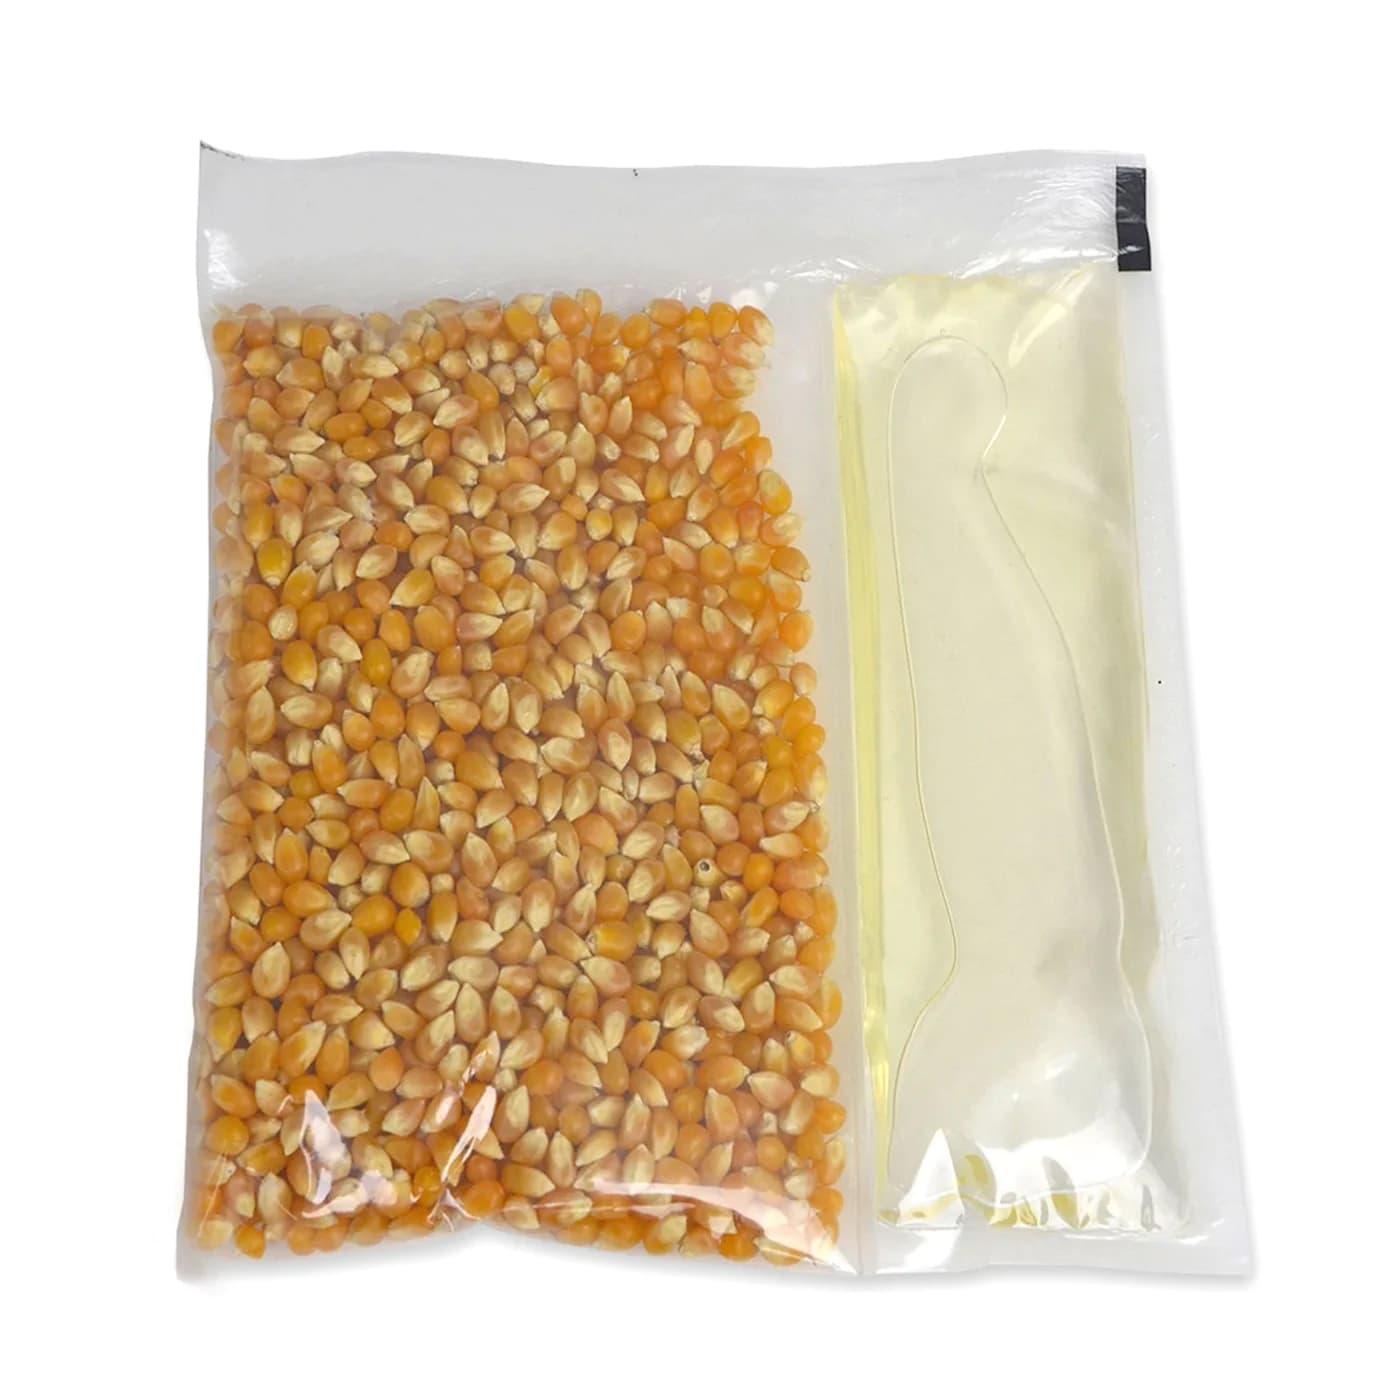 Gold Medal 2645 Mega Pop Glaze Popcorn Kit for 6-oz Kettl...